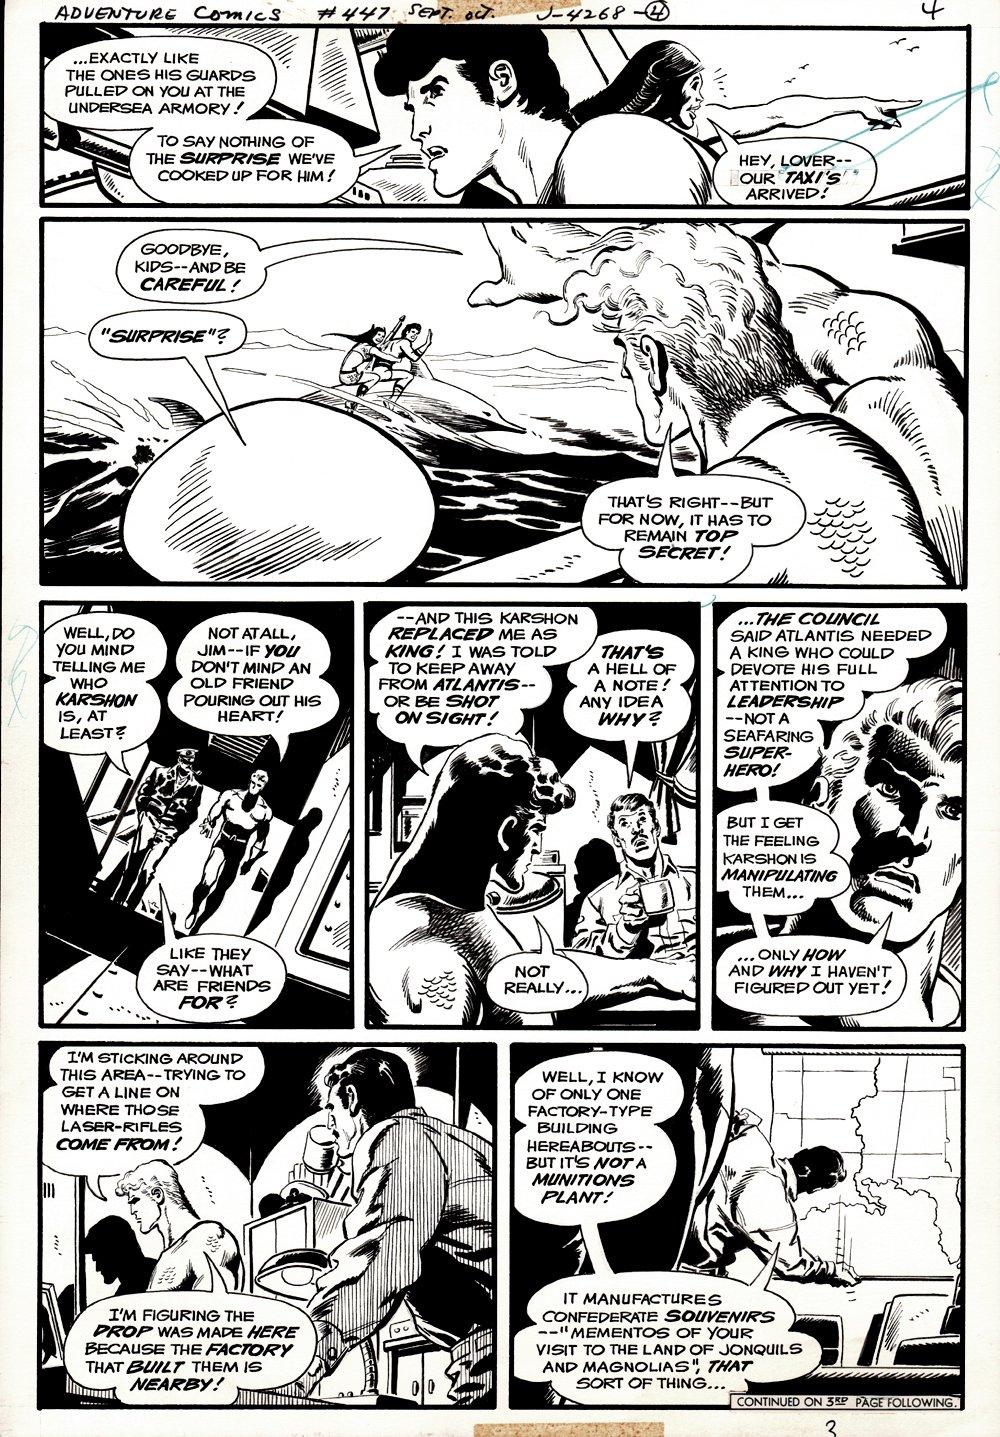 Adventure Comics #447 p 3 (Aquaman Throughout Page With Aqualad & Aquagirl!) 1976)